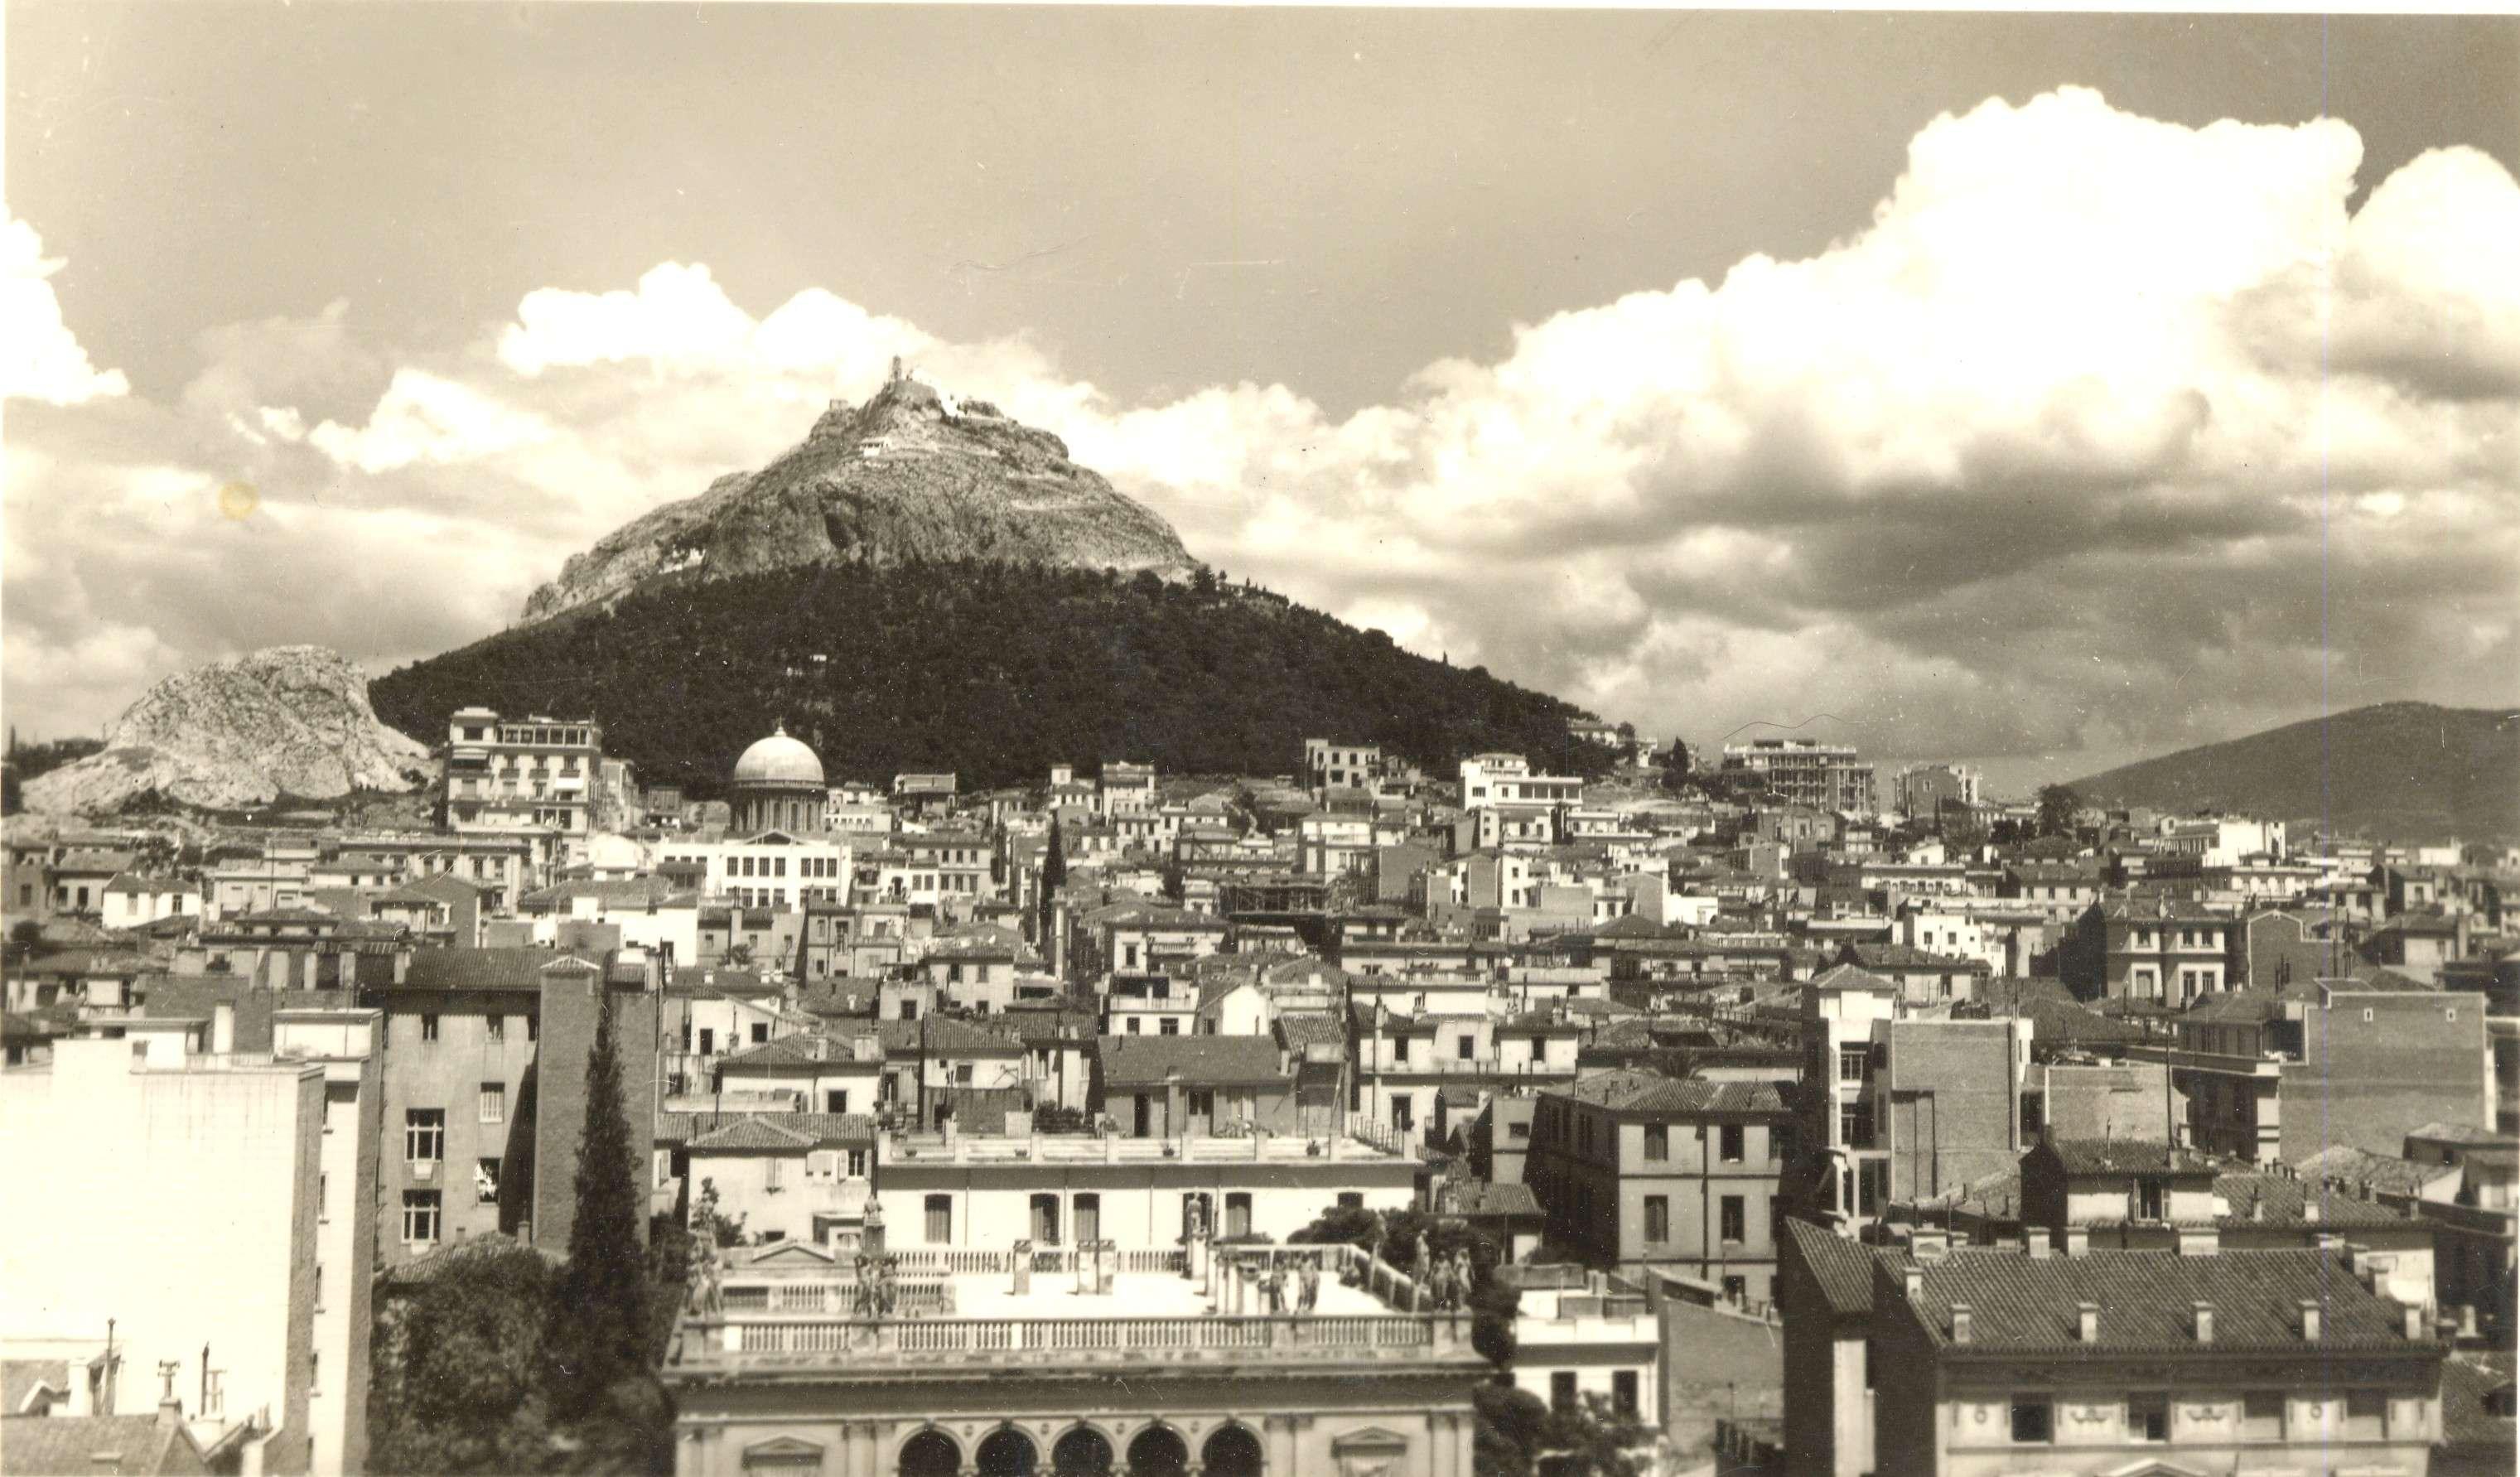 Άποψη του Λυκαβηττού το 1920 από τον Frédéric Boissonnas